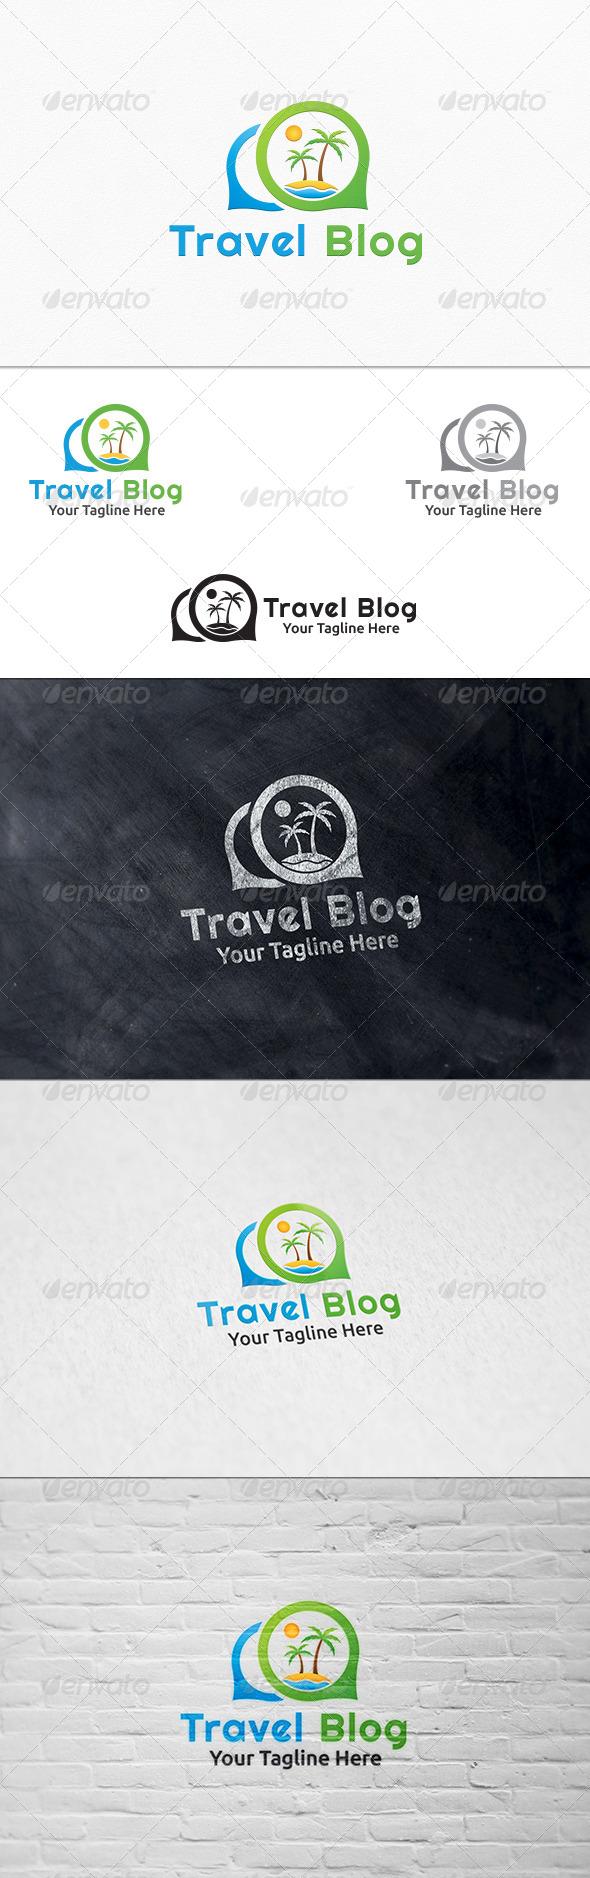 GraphicRiver Travel Blog Logo Template 7696310